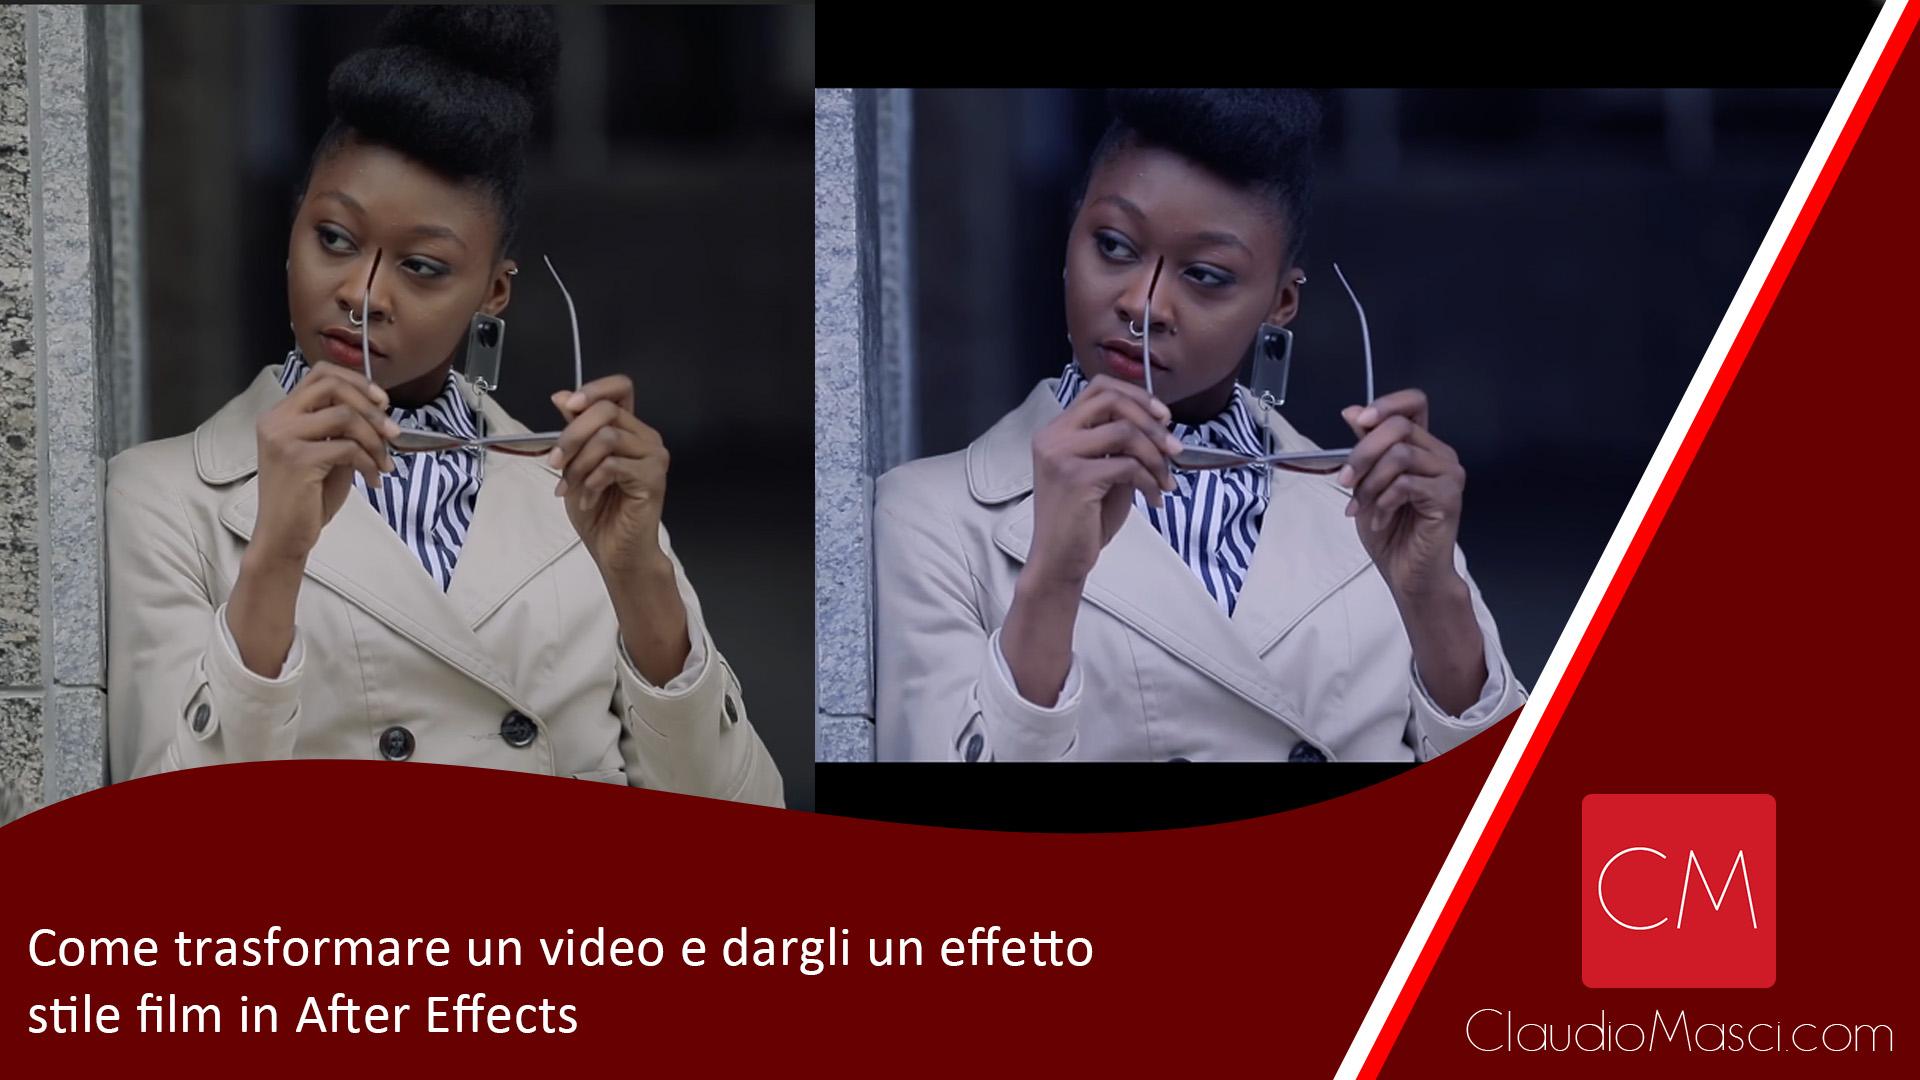 Come trasformare un video e dargli un effetto stile film in After Effects